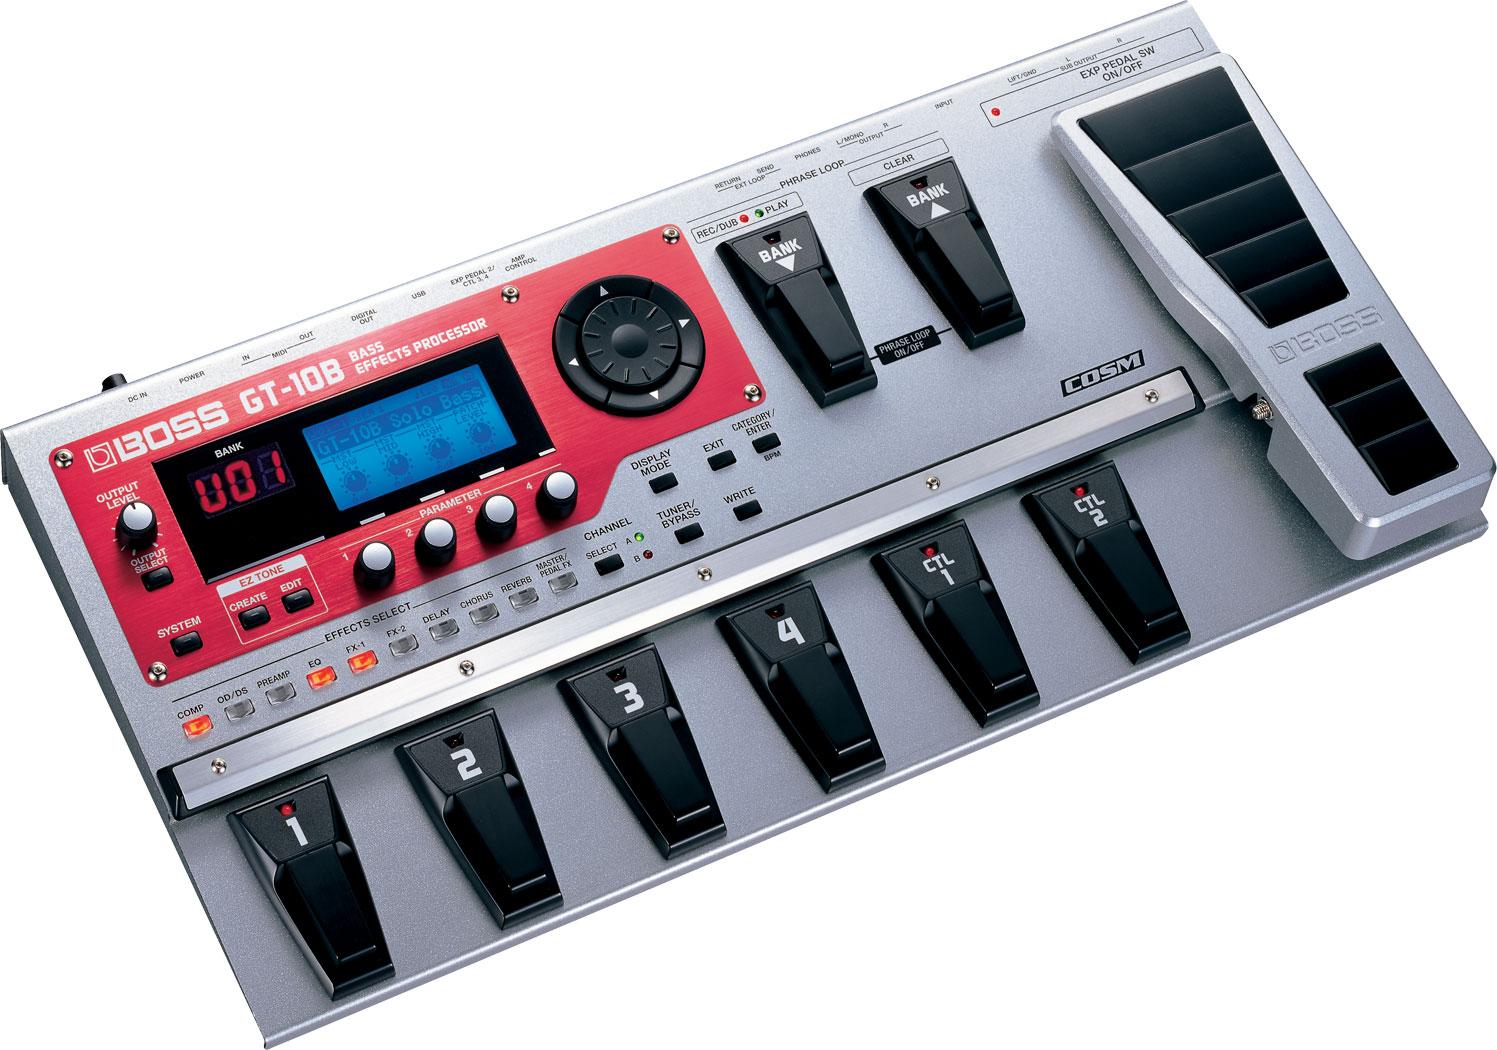 boss gt 10b bass effects processor rh boss info gt 10 manual gt-10b bass effects processor manual